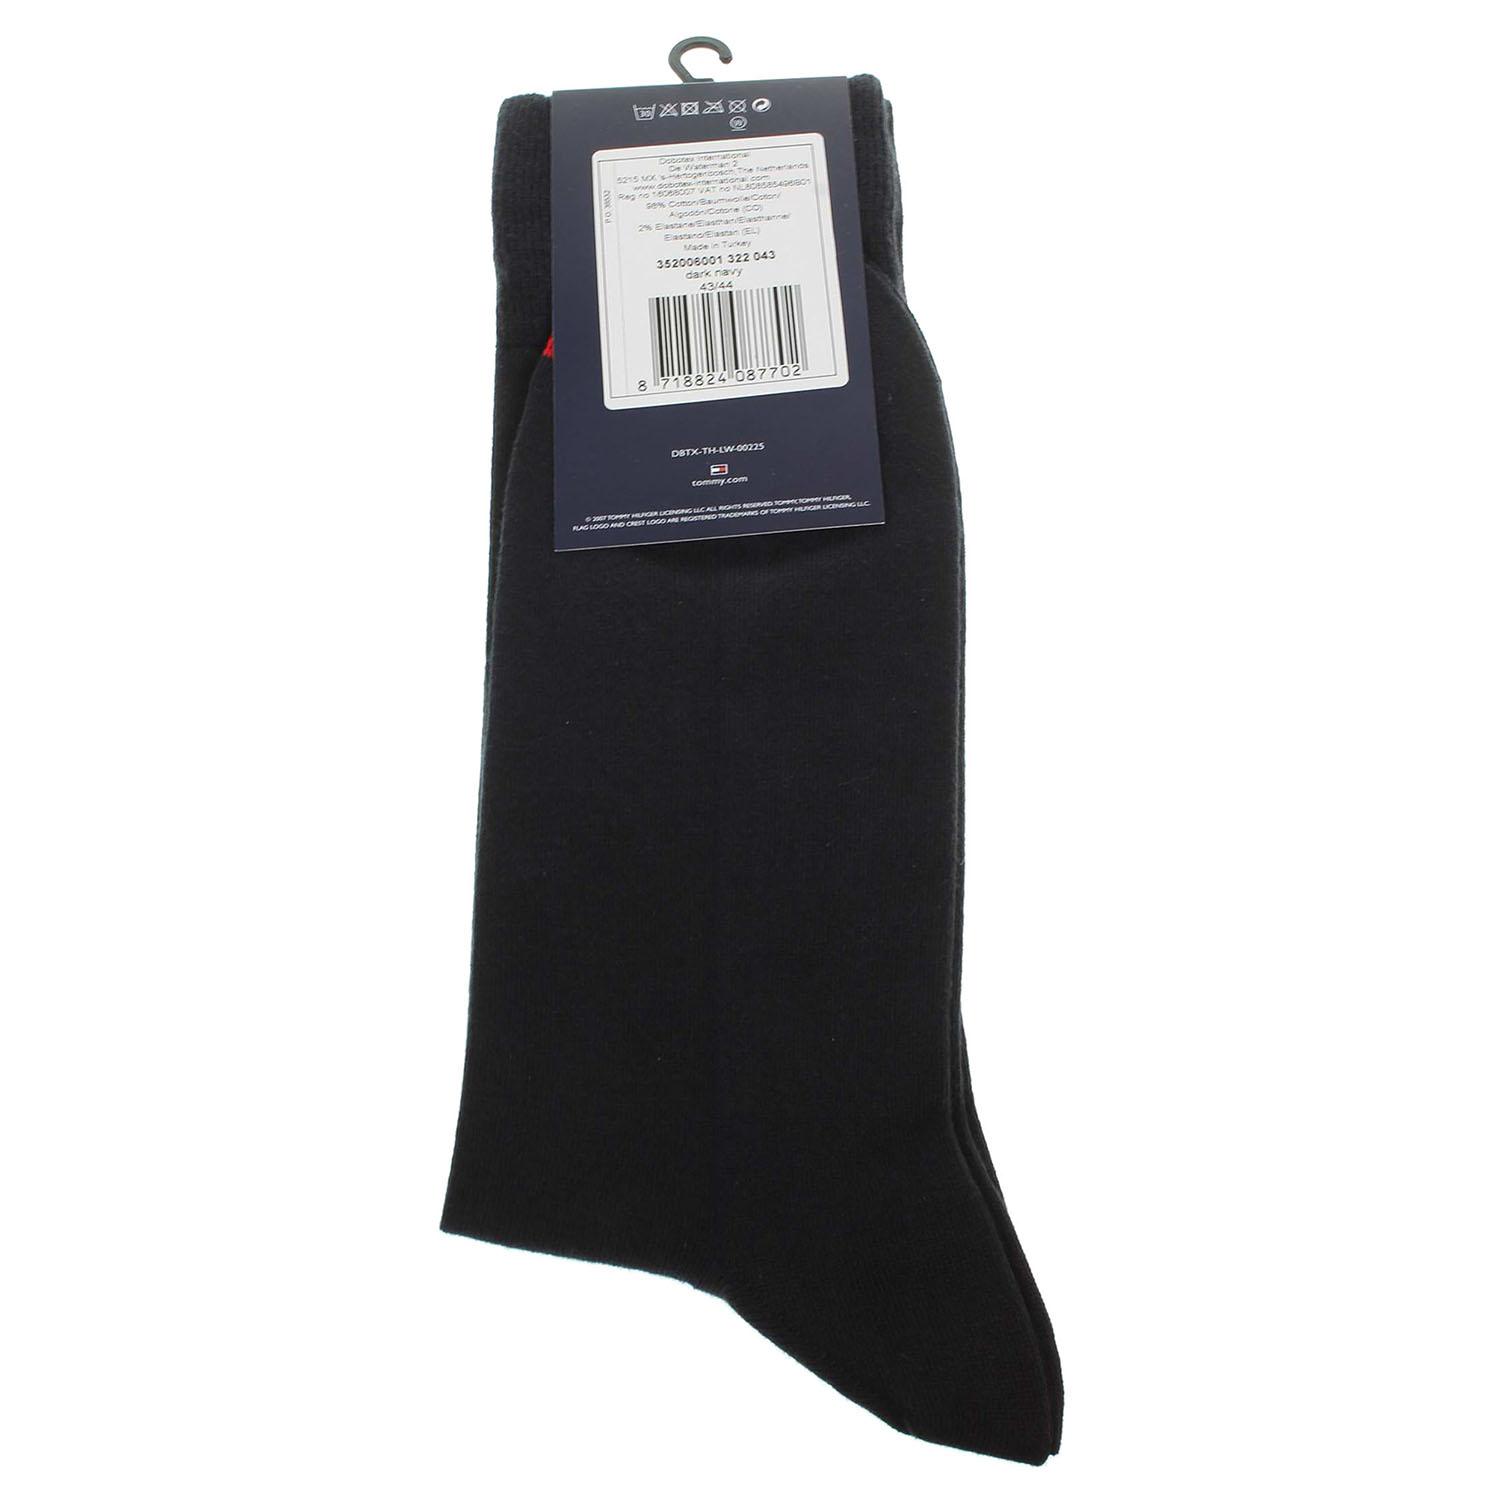 Tommy Hilfiger pánské ponožky 352006001 modré 43